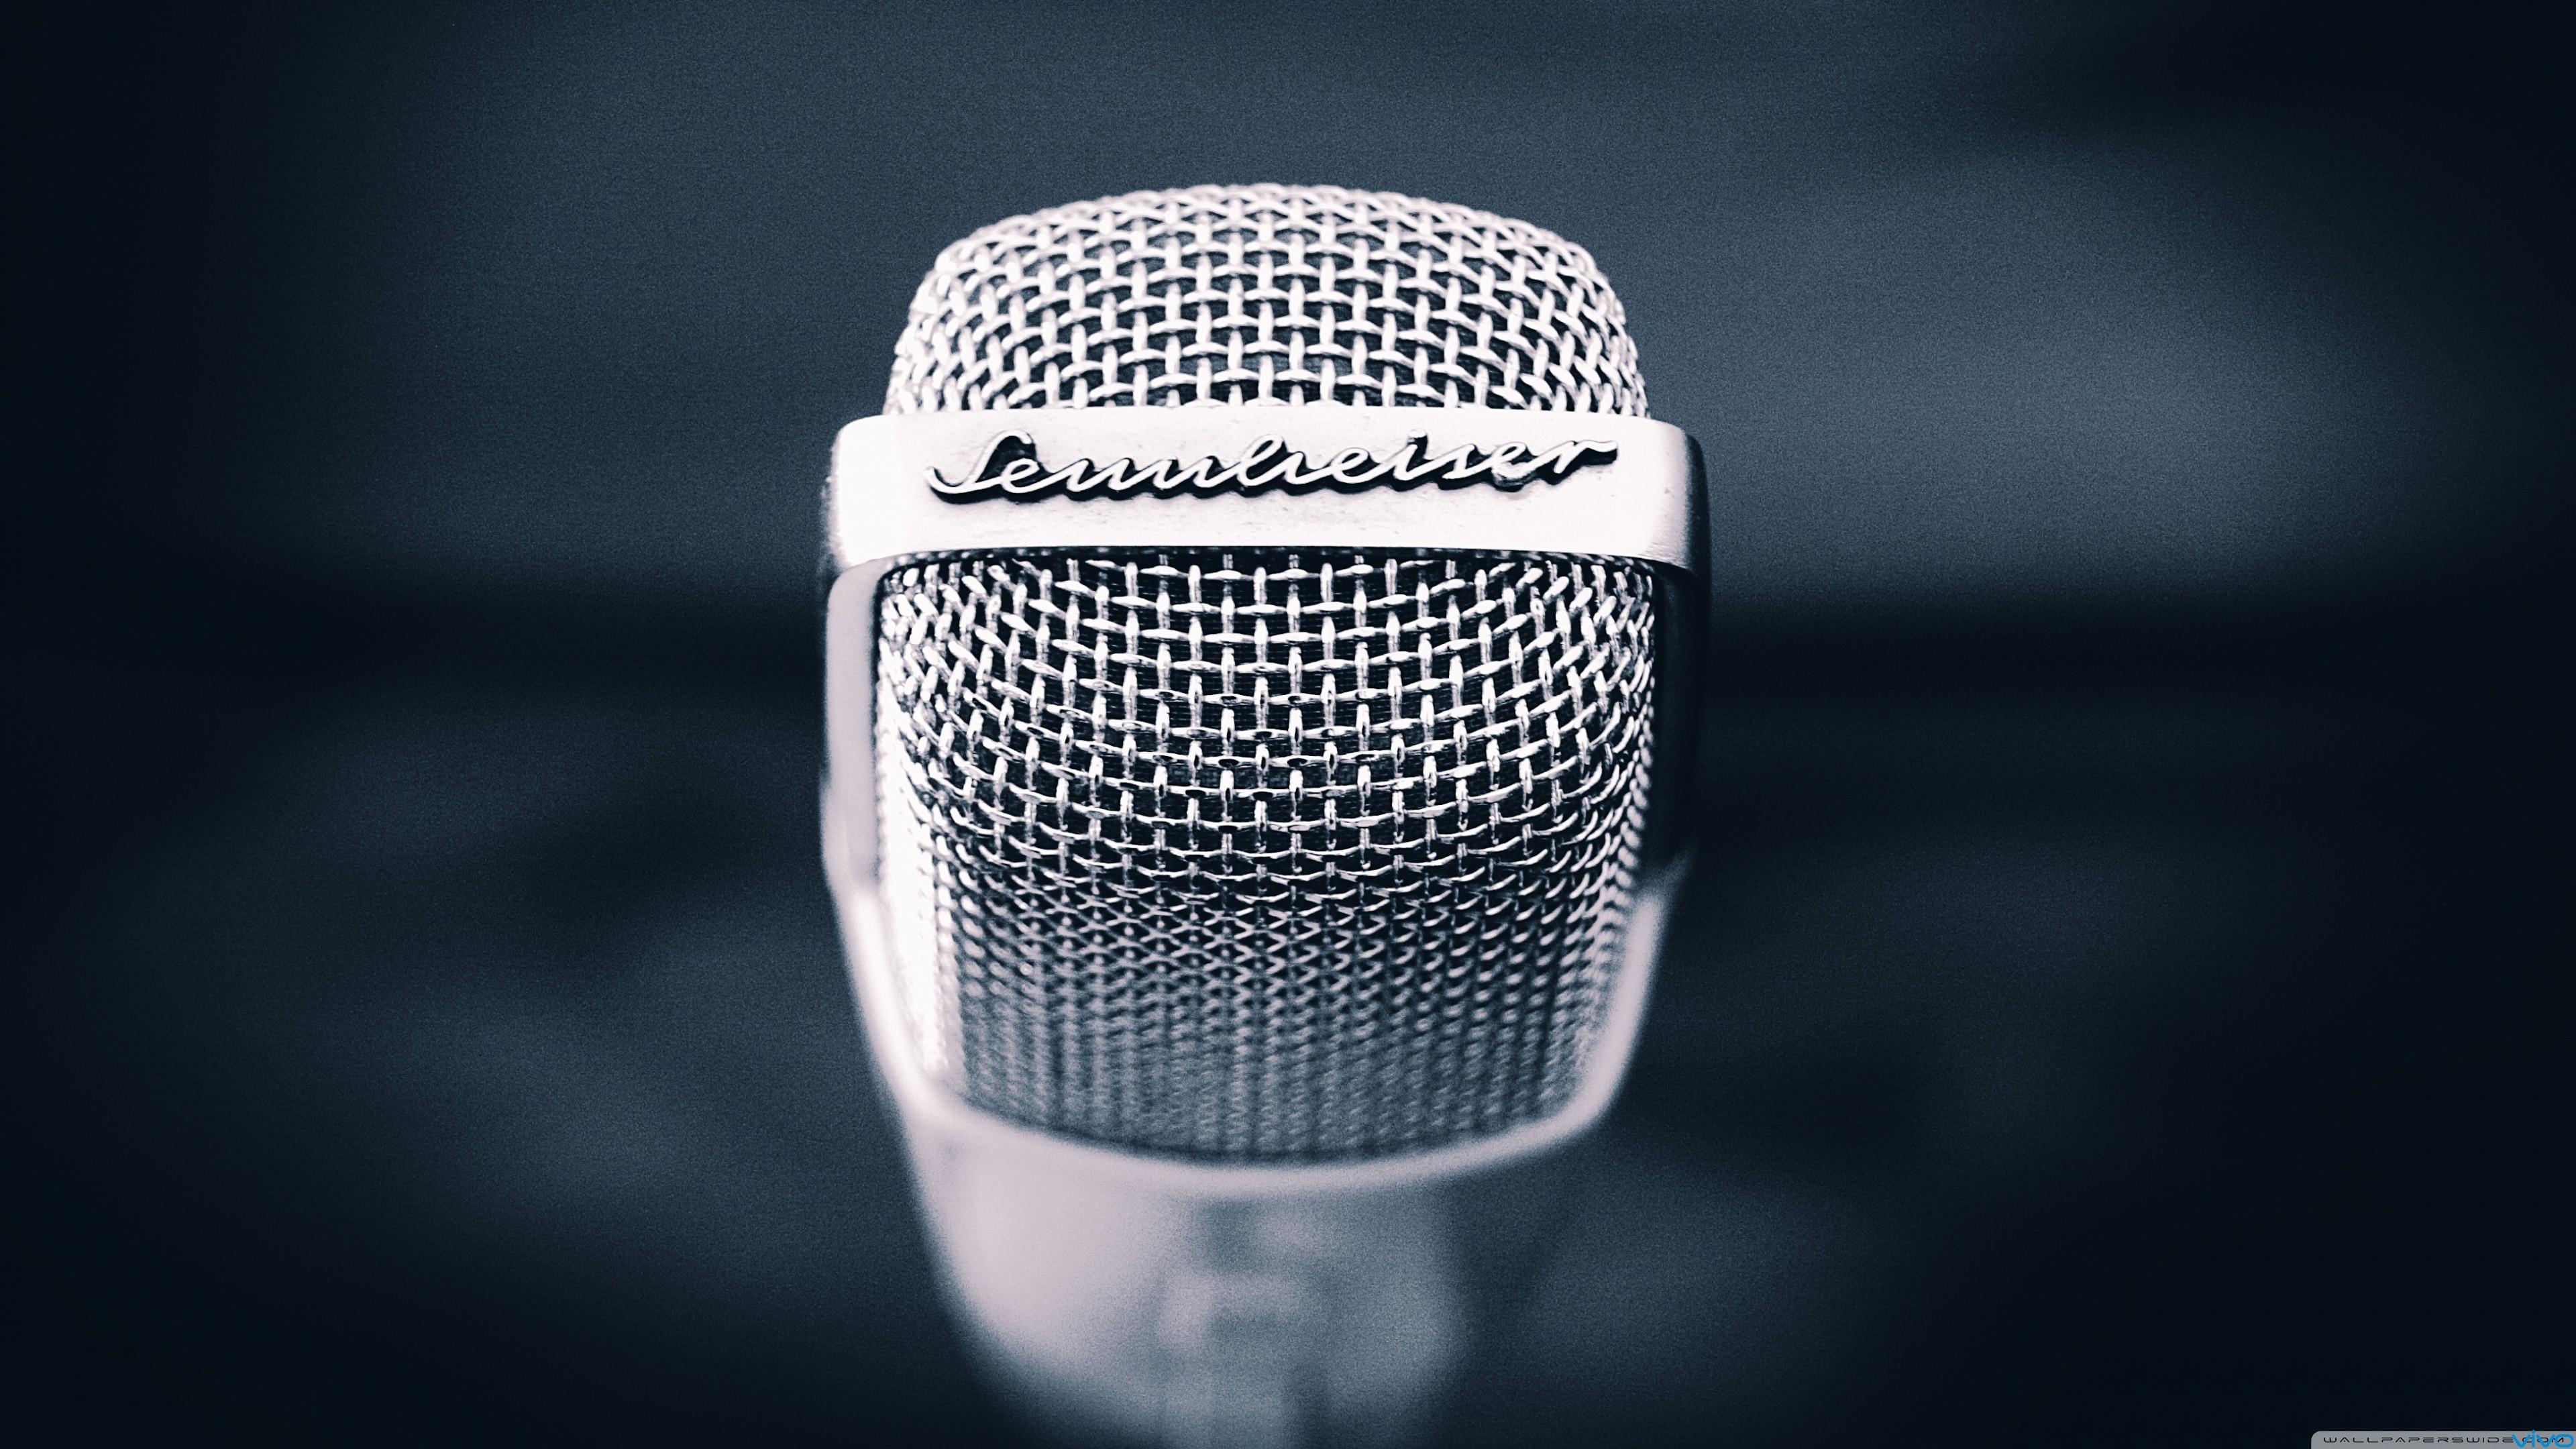 talk_2_the_mic-wallpaper-3840x2160.jpg